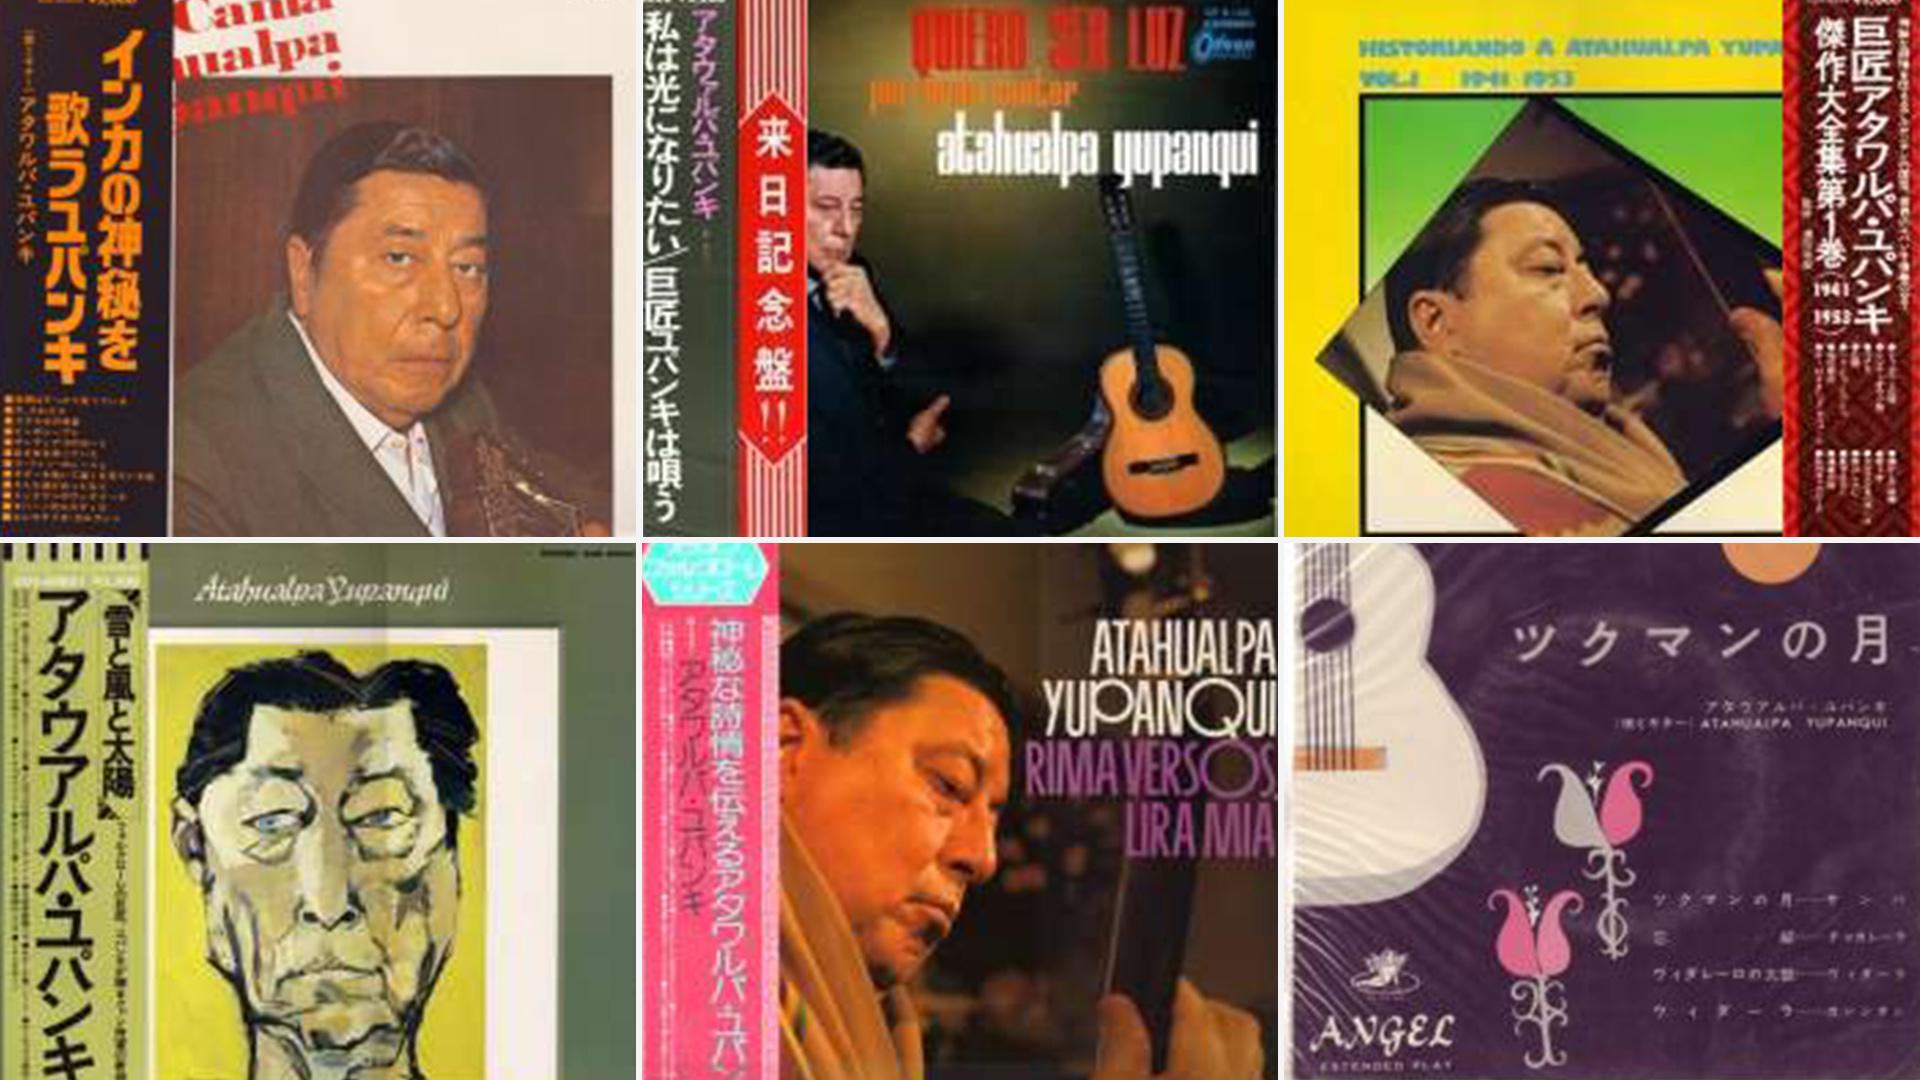 Discos de Atahualpa Yupanqui editados en Japón